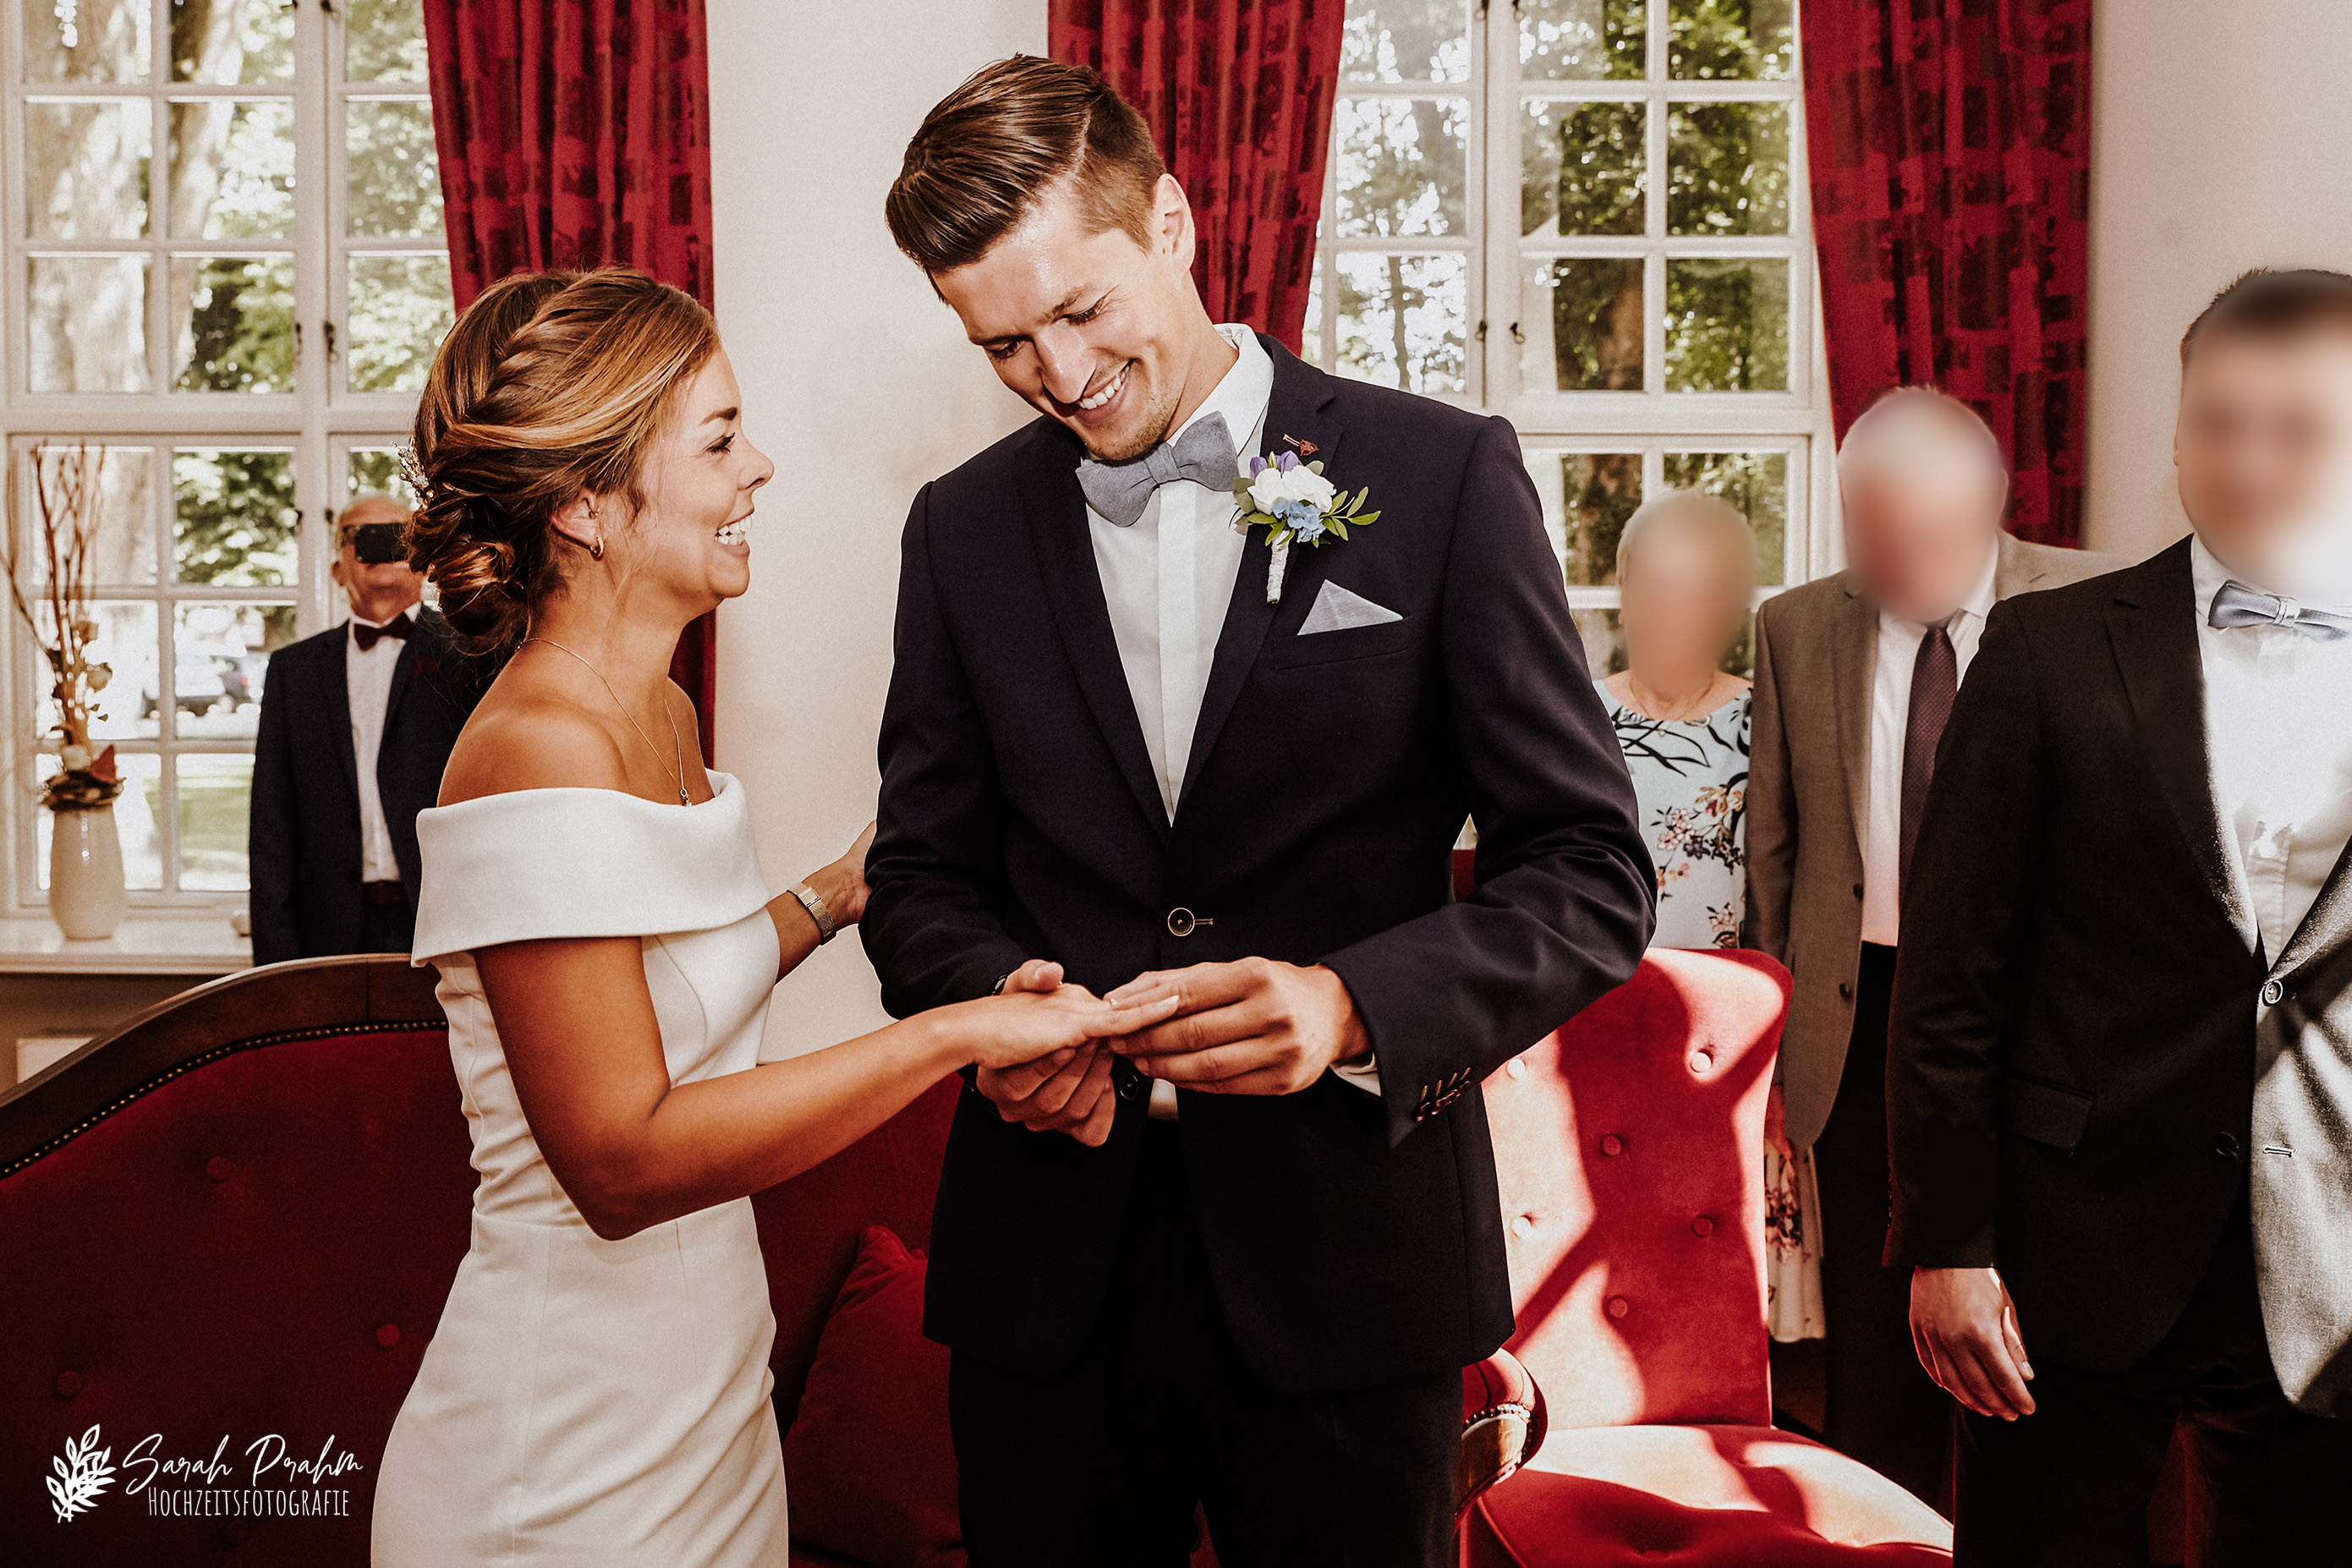 Standesamtliche Trauung im Herrenhaus in Stockelsdorf - Sarah Prahm Hochzeitsfotografie